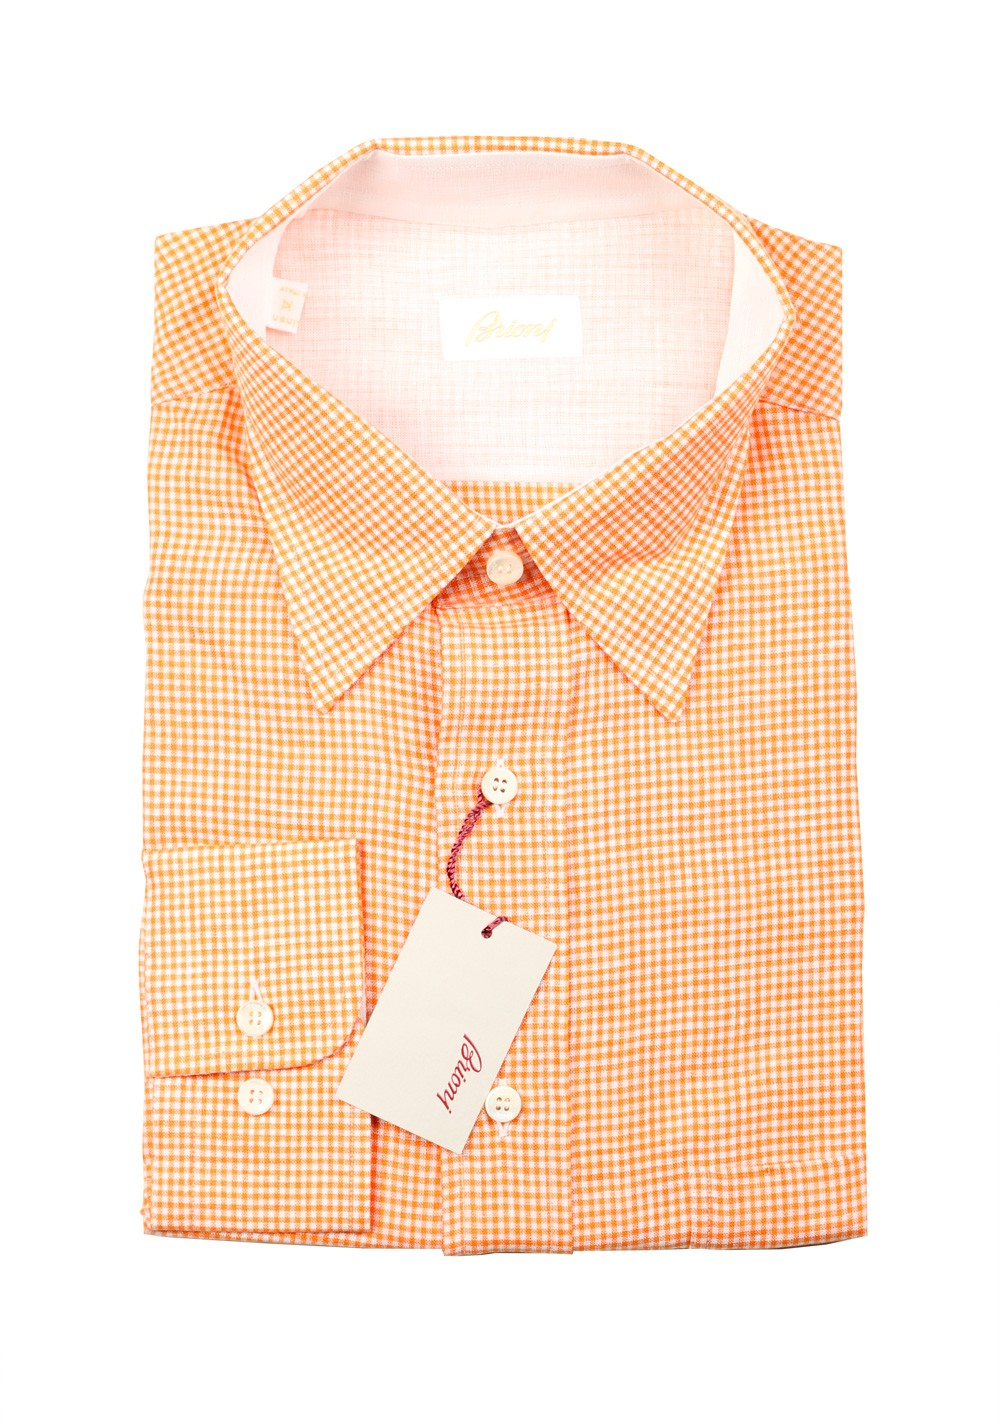 Brioni Shirt Size V – 43 / 17  U.S. | Costume Limité